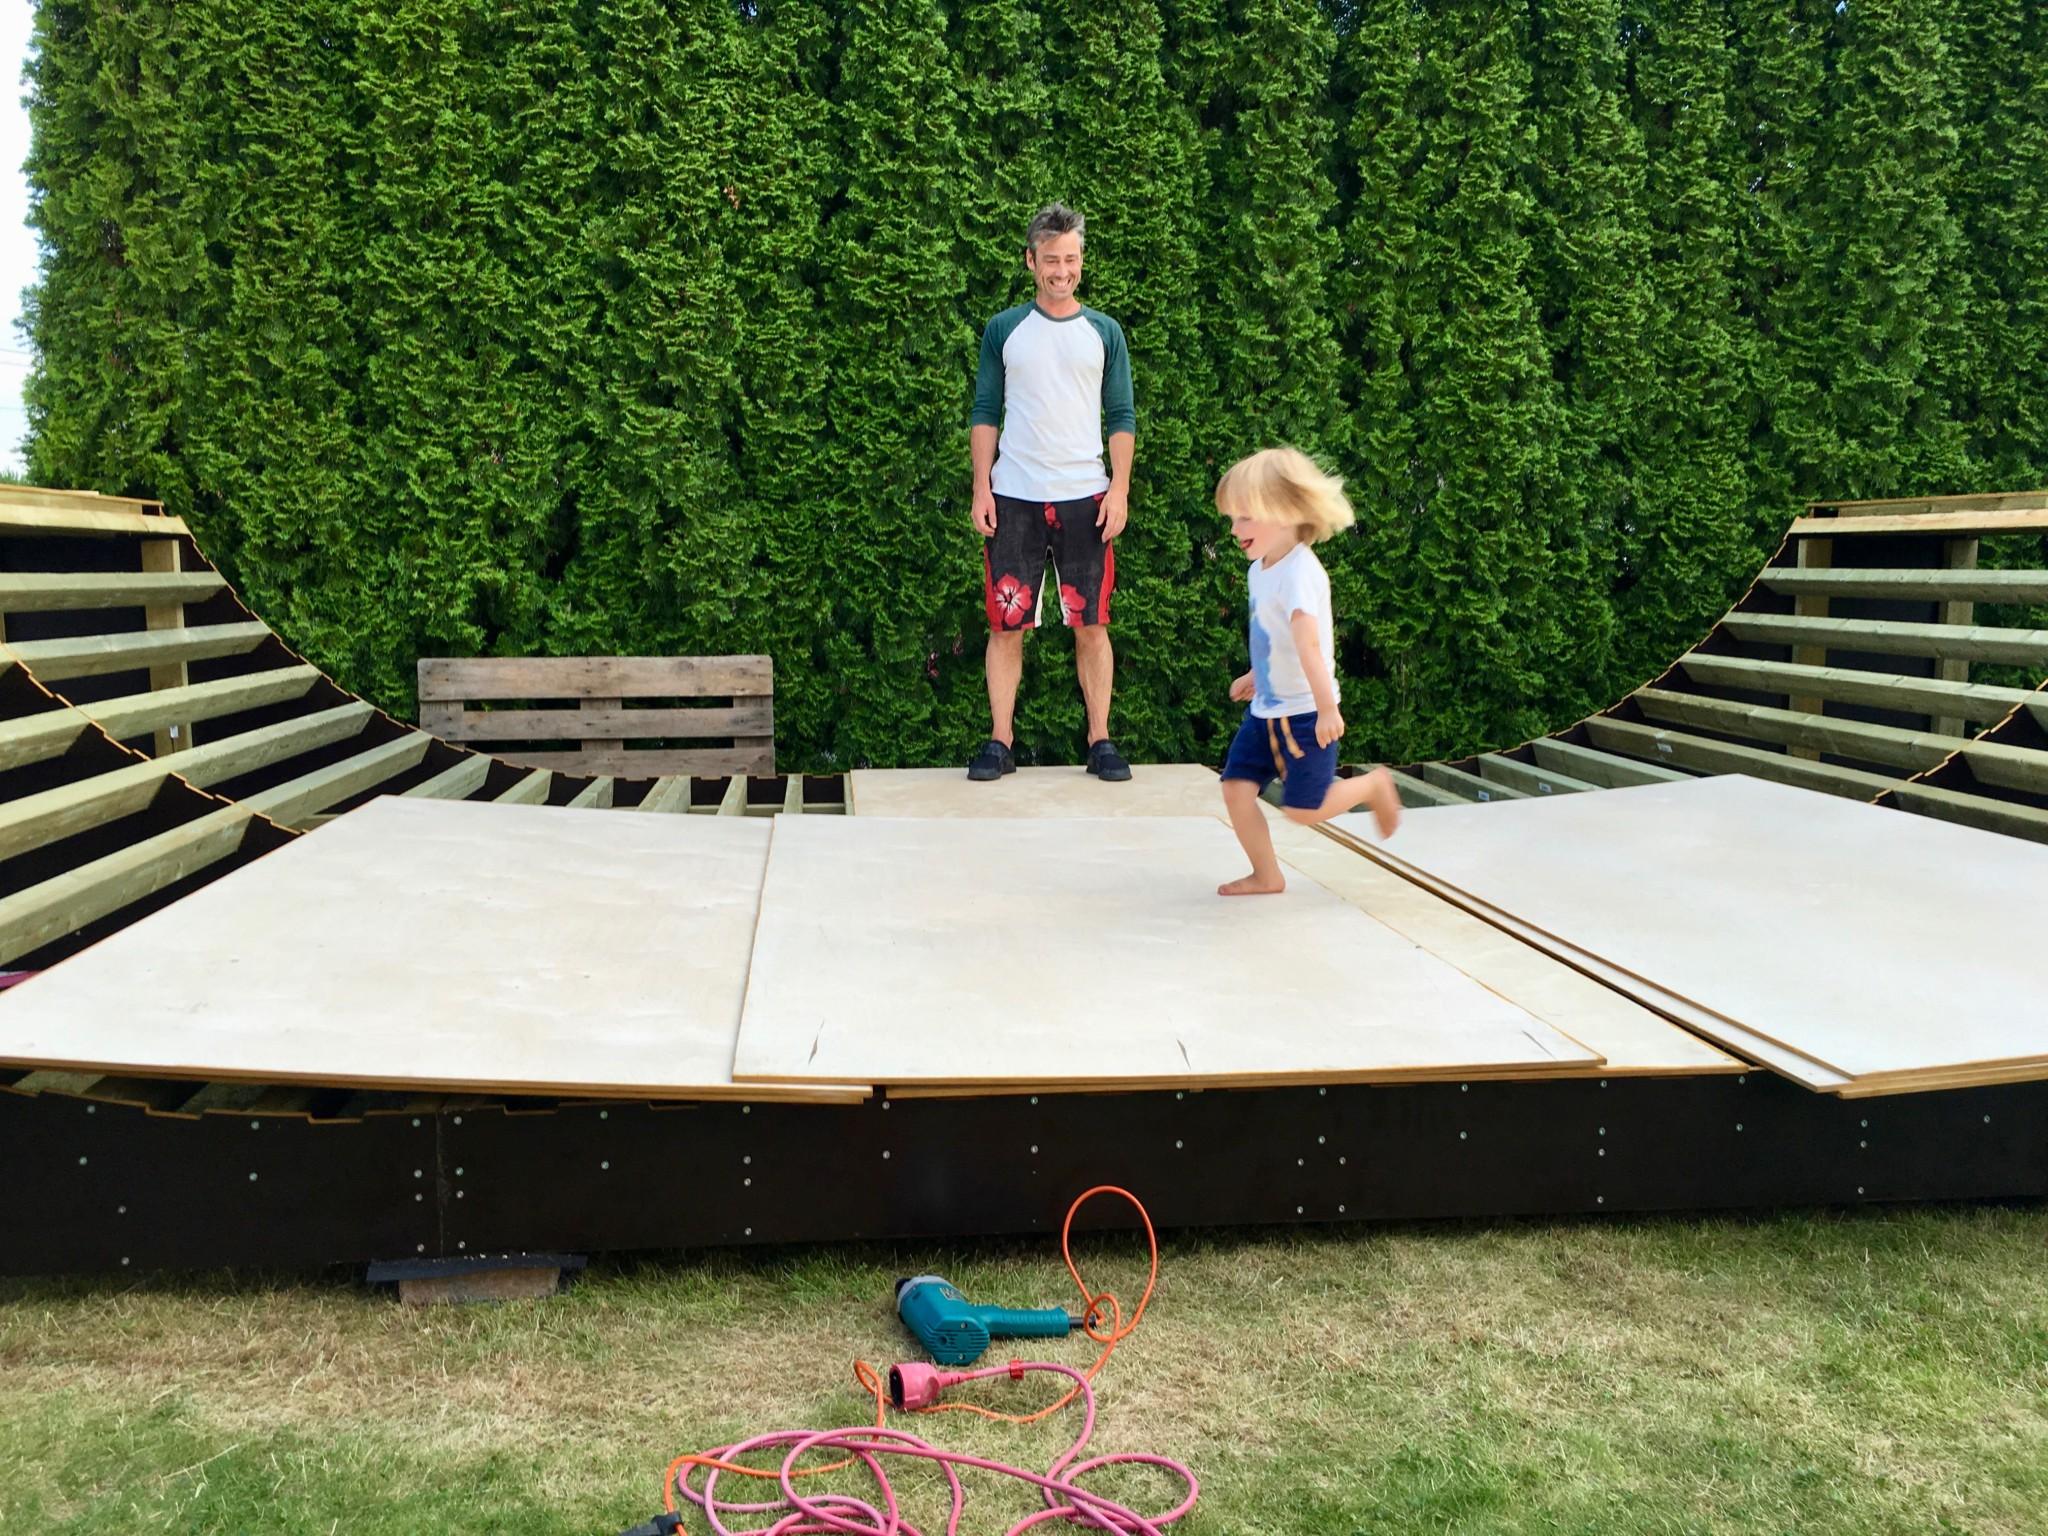 Plutselig hadde både far og lillebror verdens største leke i hagen!